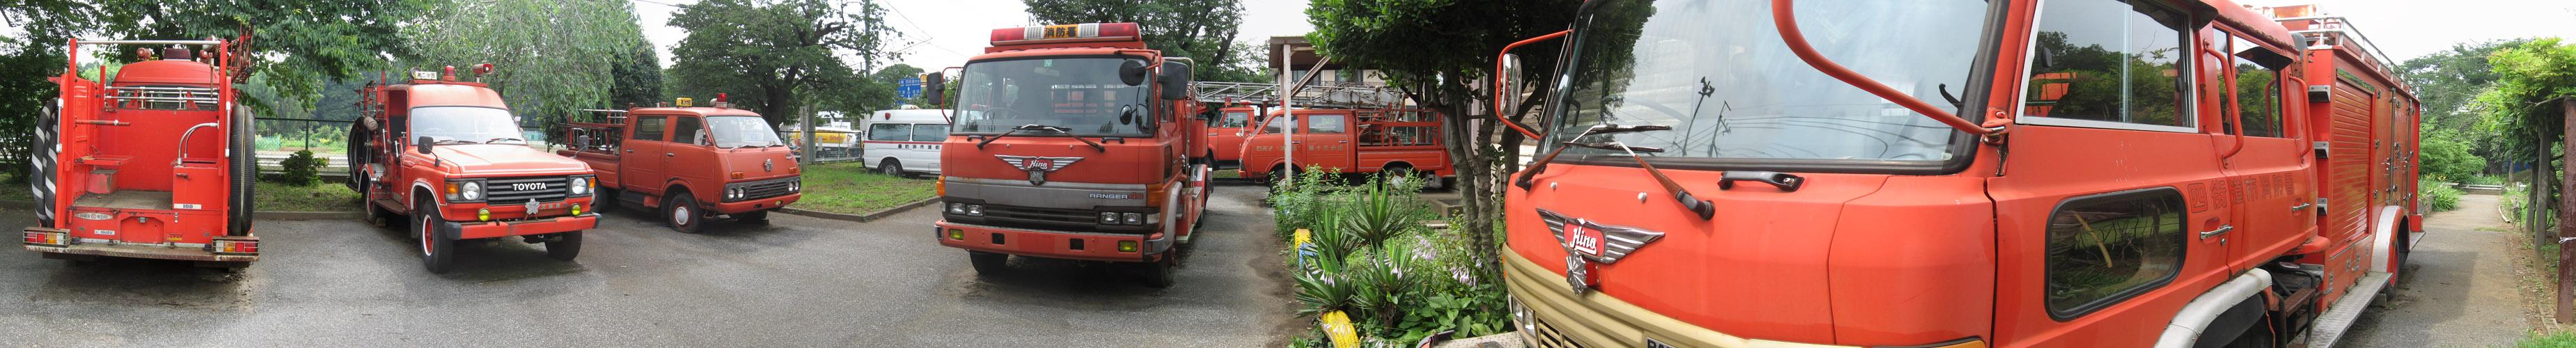 四街道市消防資料館:車両展示